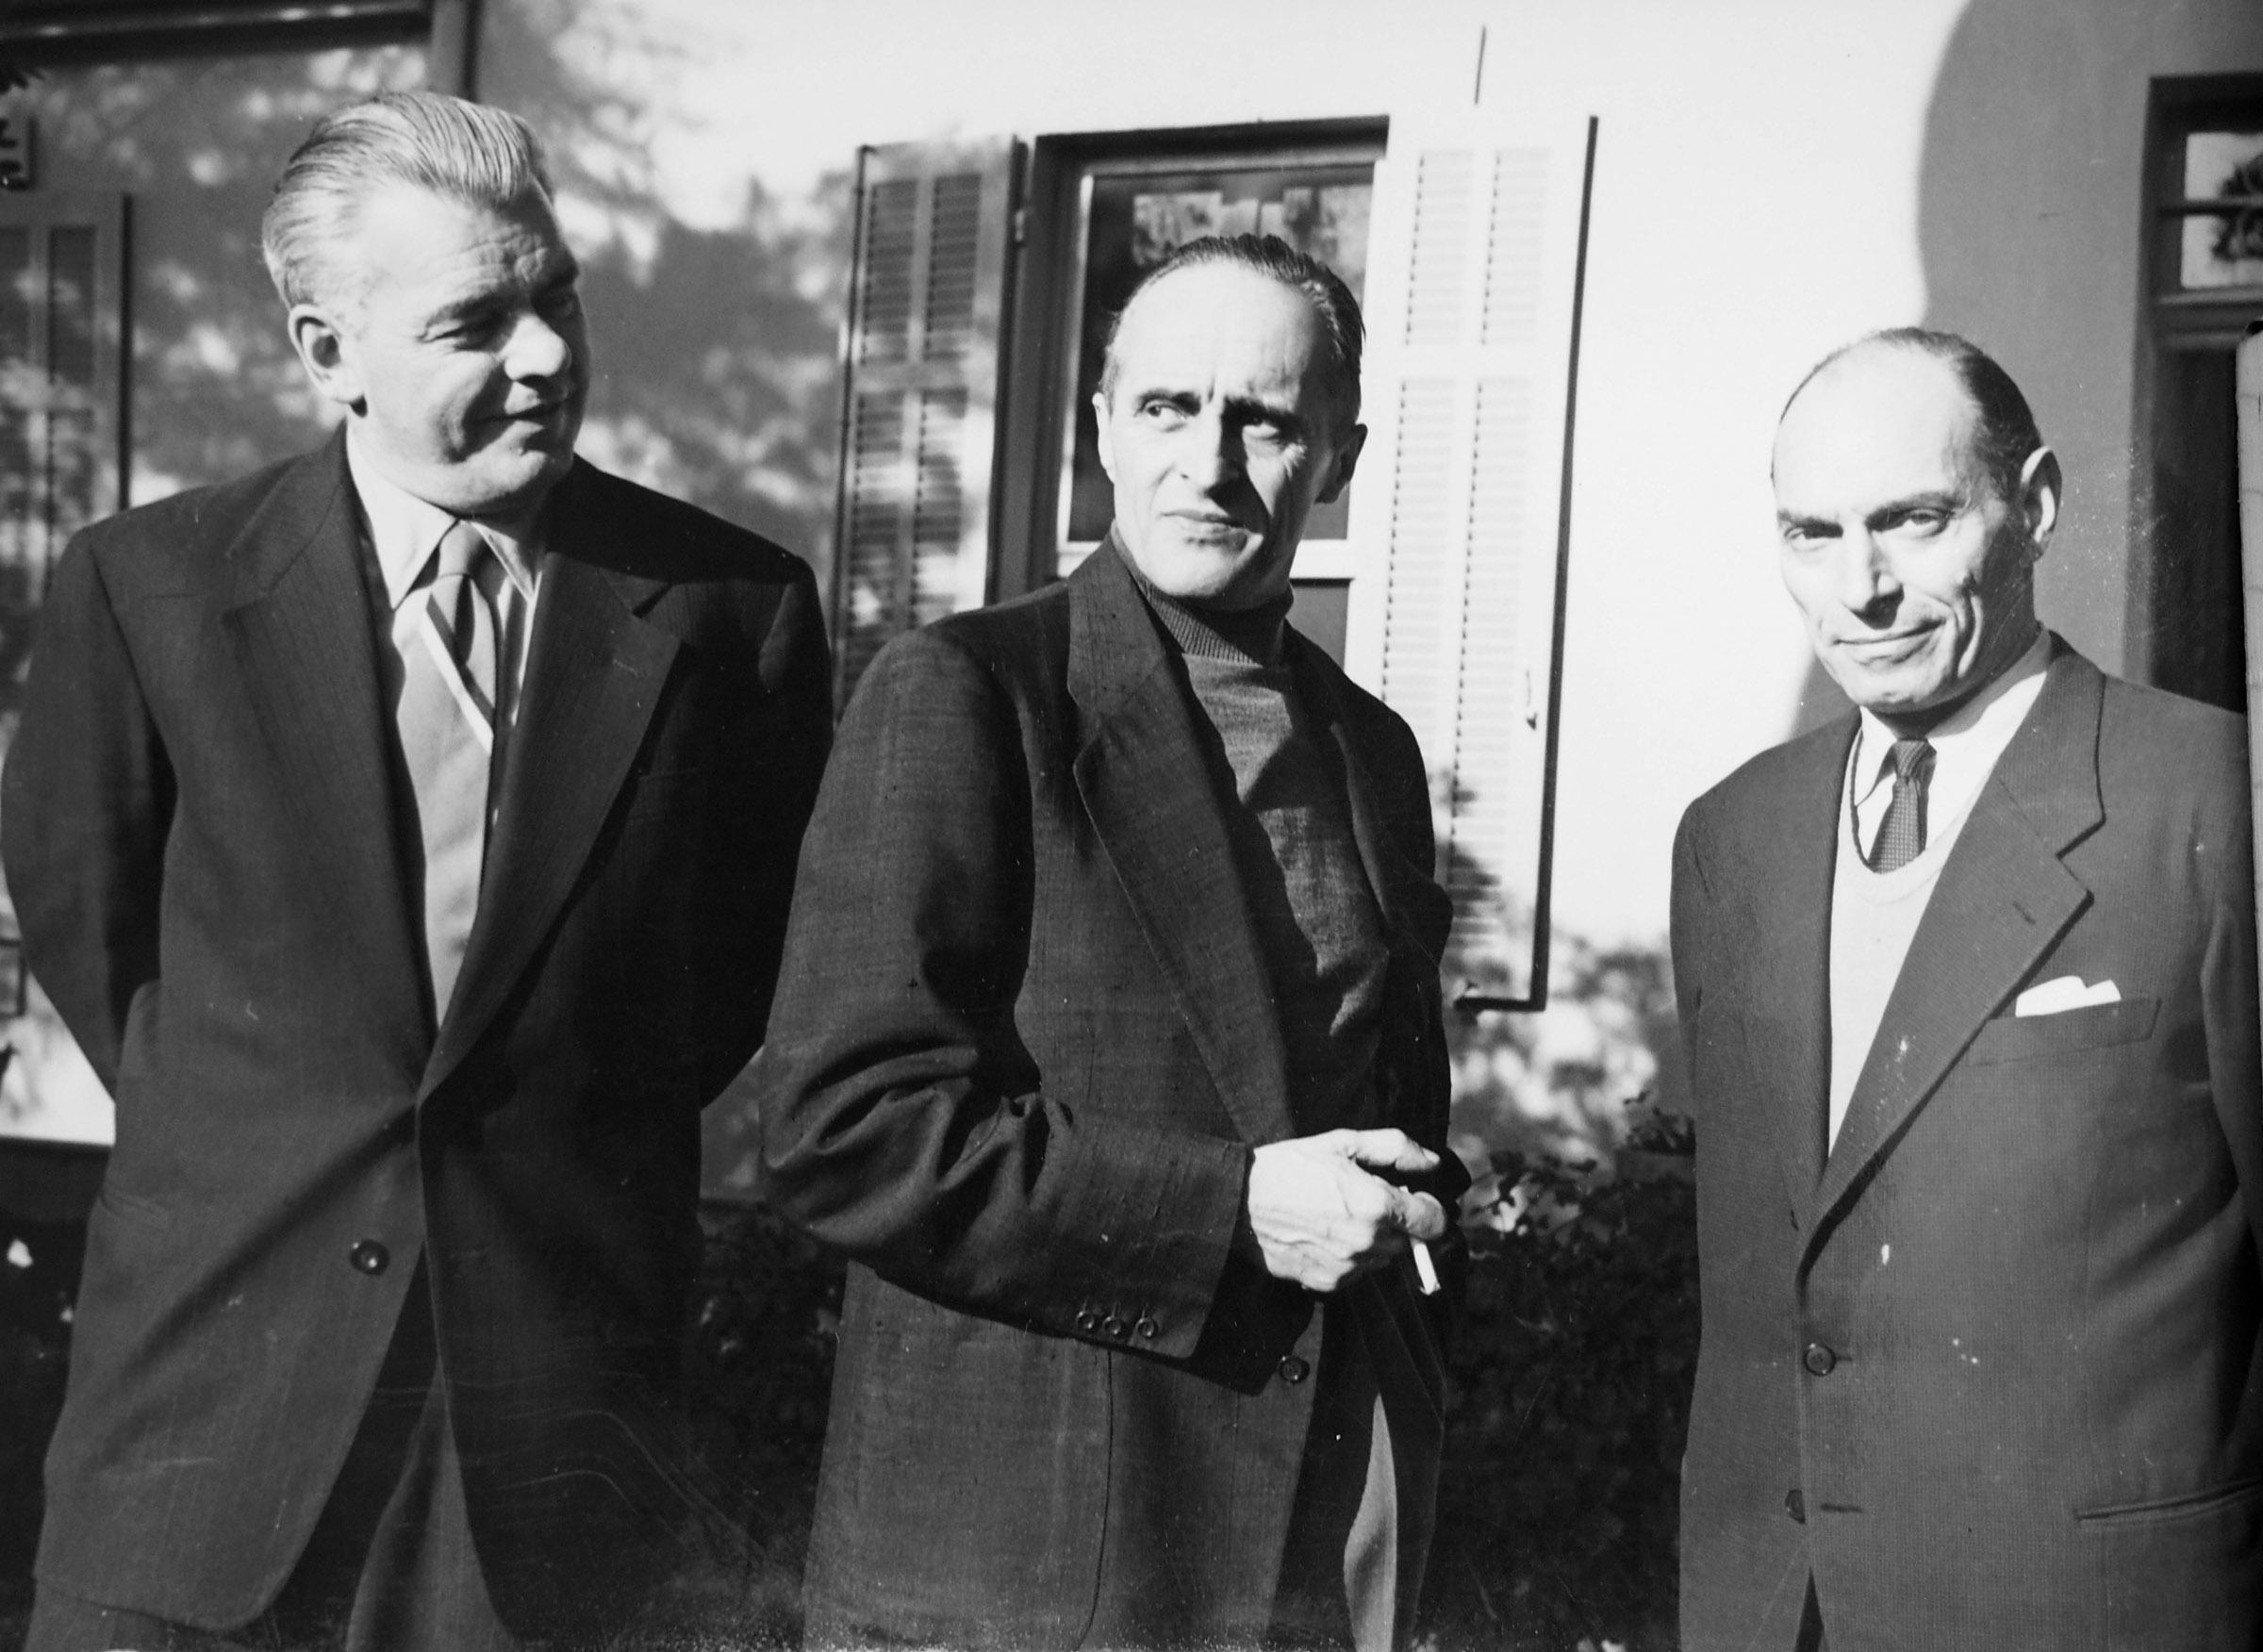 Экспонат #147. С Рене Клером и Юлием Райзманом. Франция. 1955 год